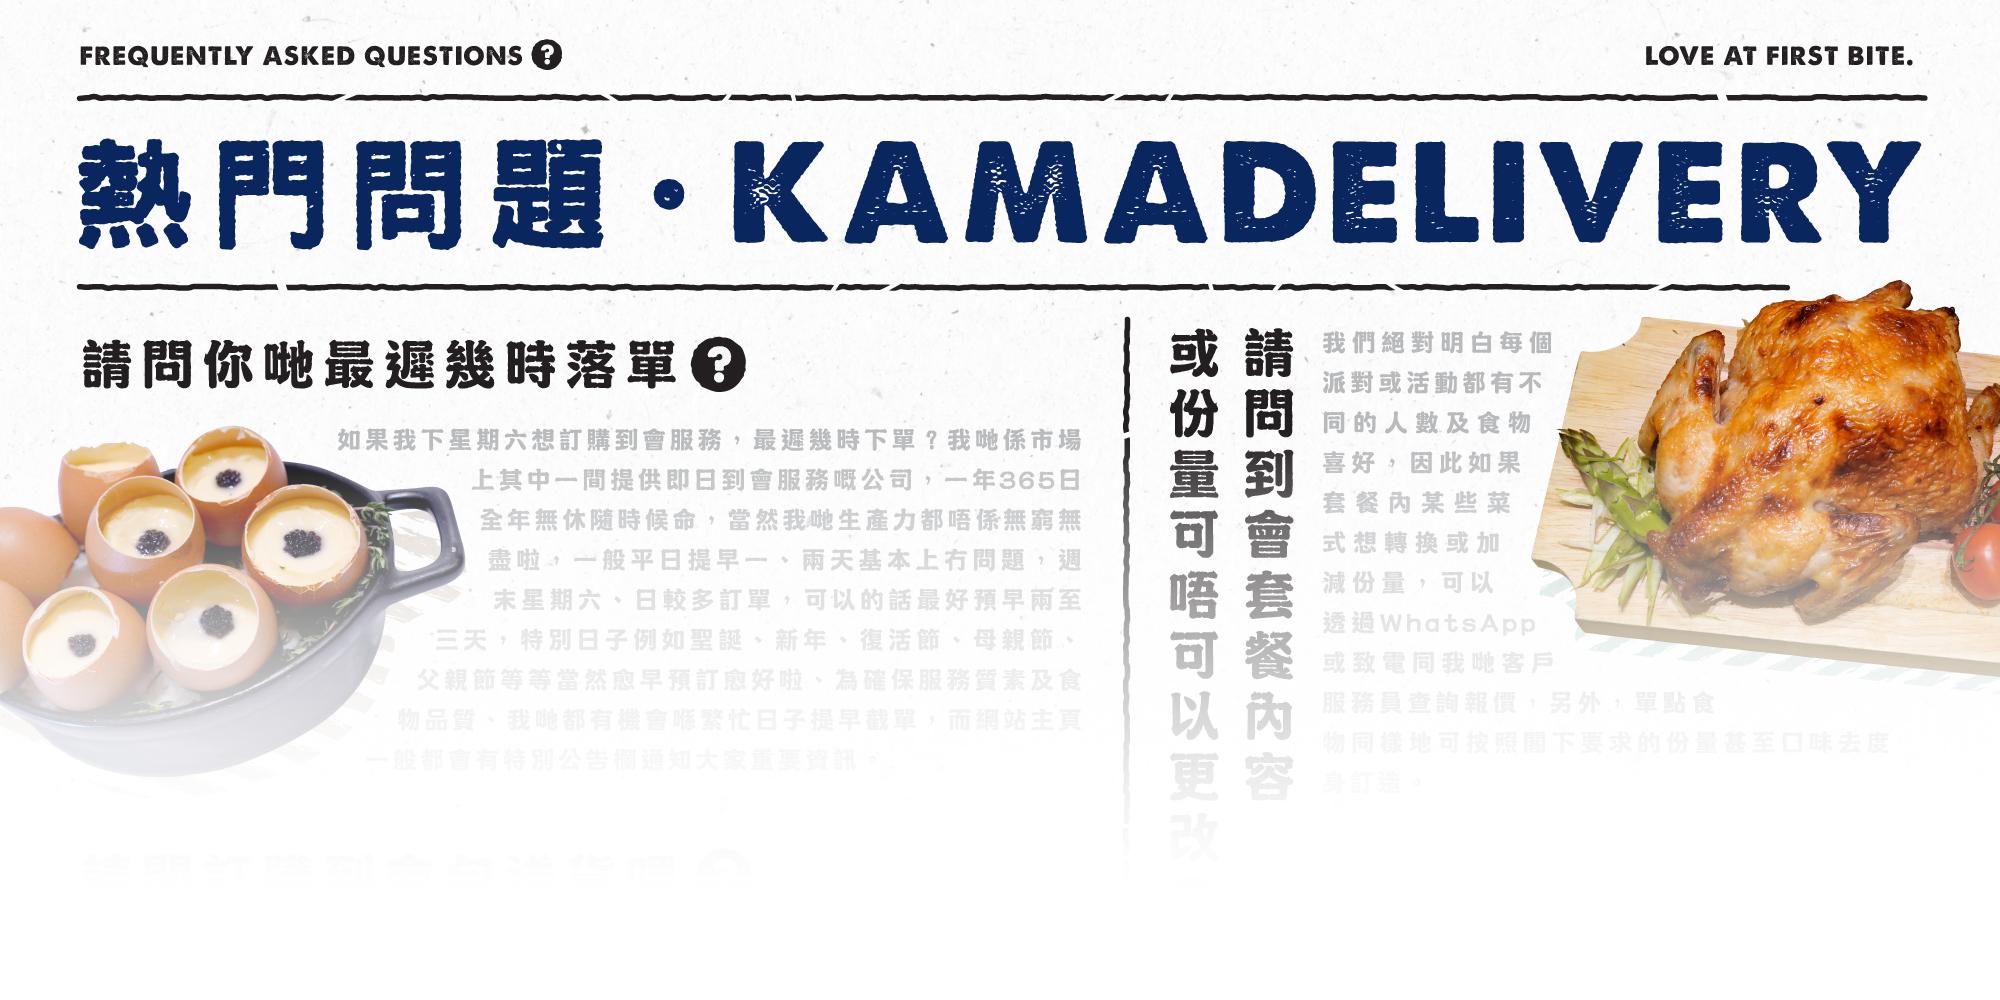 有關訂購Kamadelivery到會服務熱門的常見問題